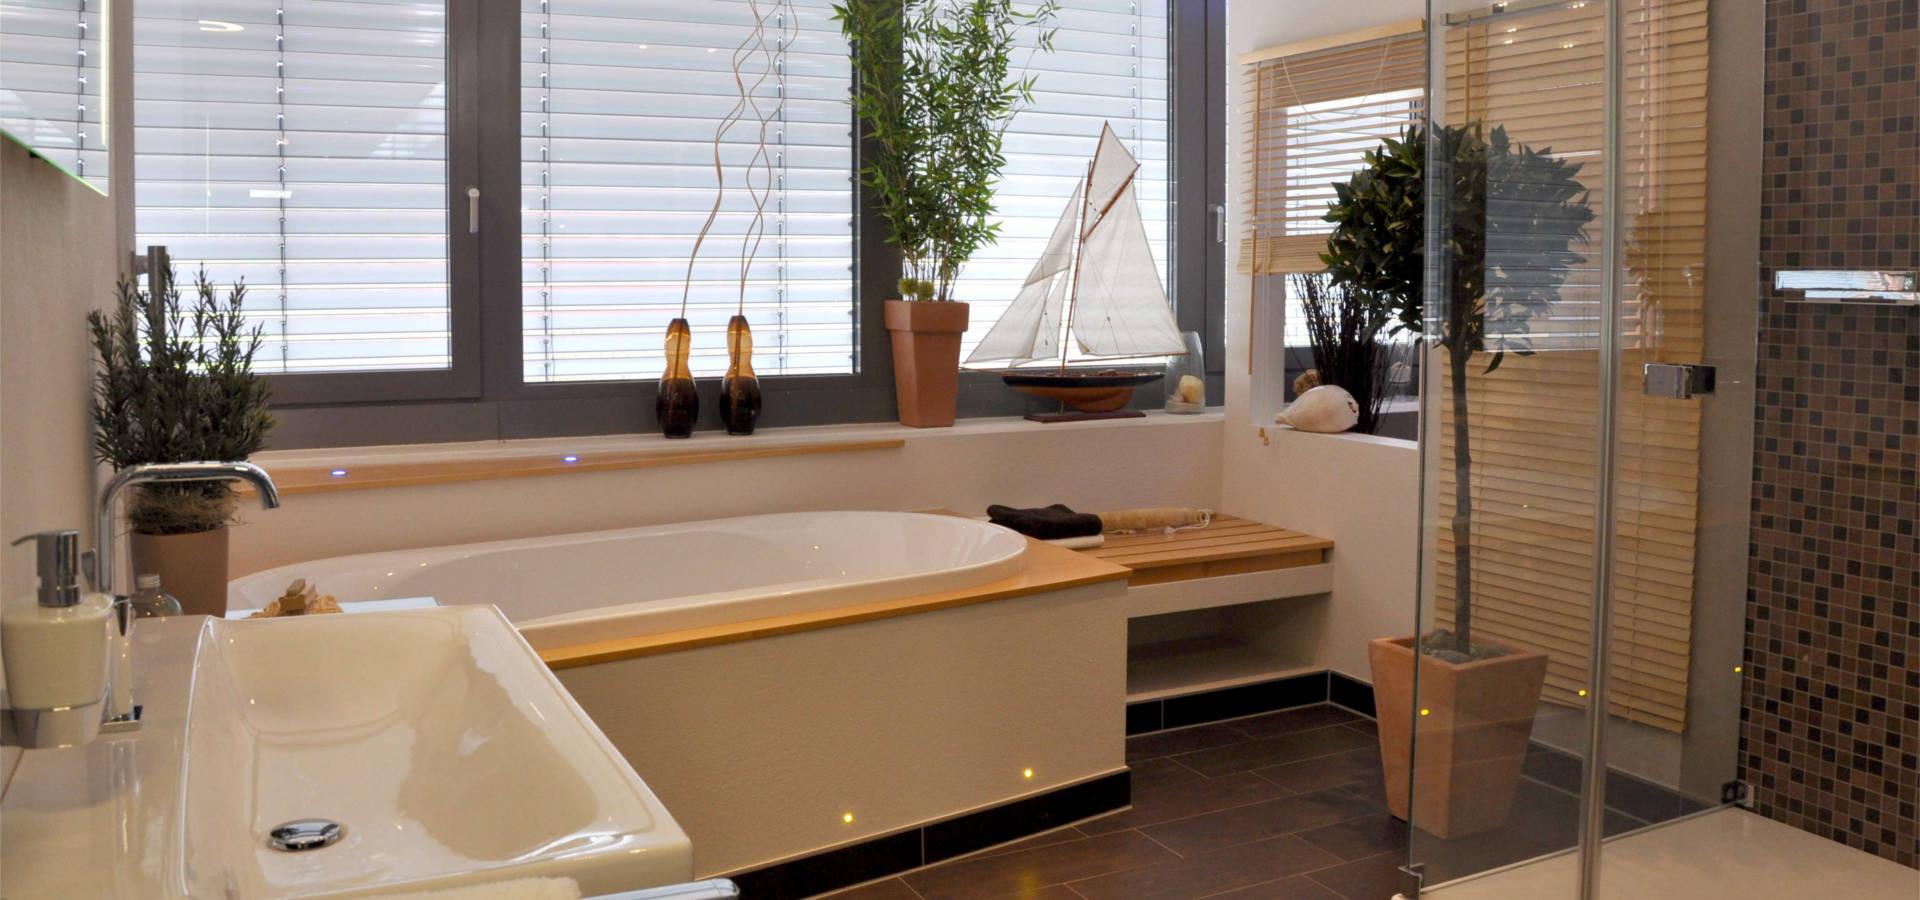 neues bad krajina heizung bad sanit r solar. Black Bedroom Furniture Sets. Home Design Ideas